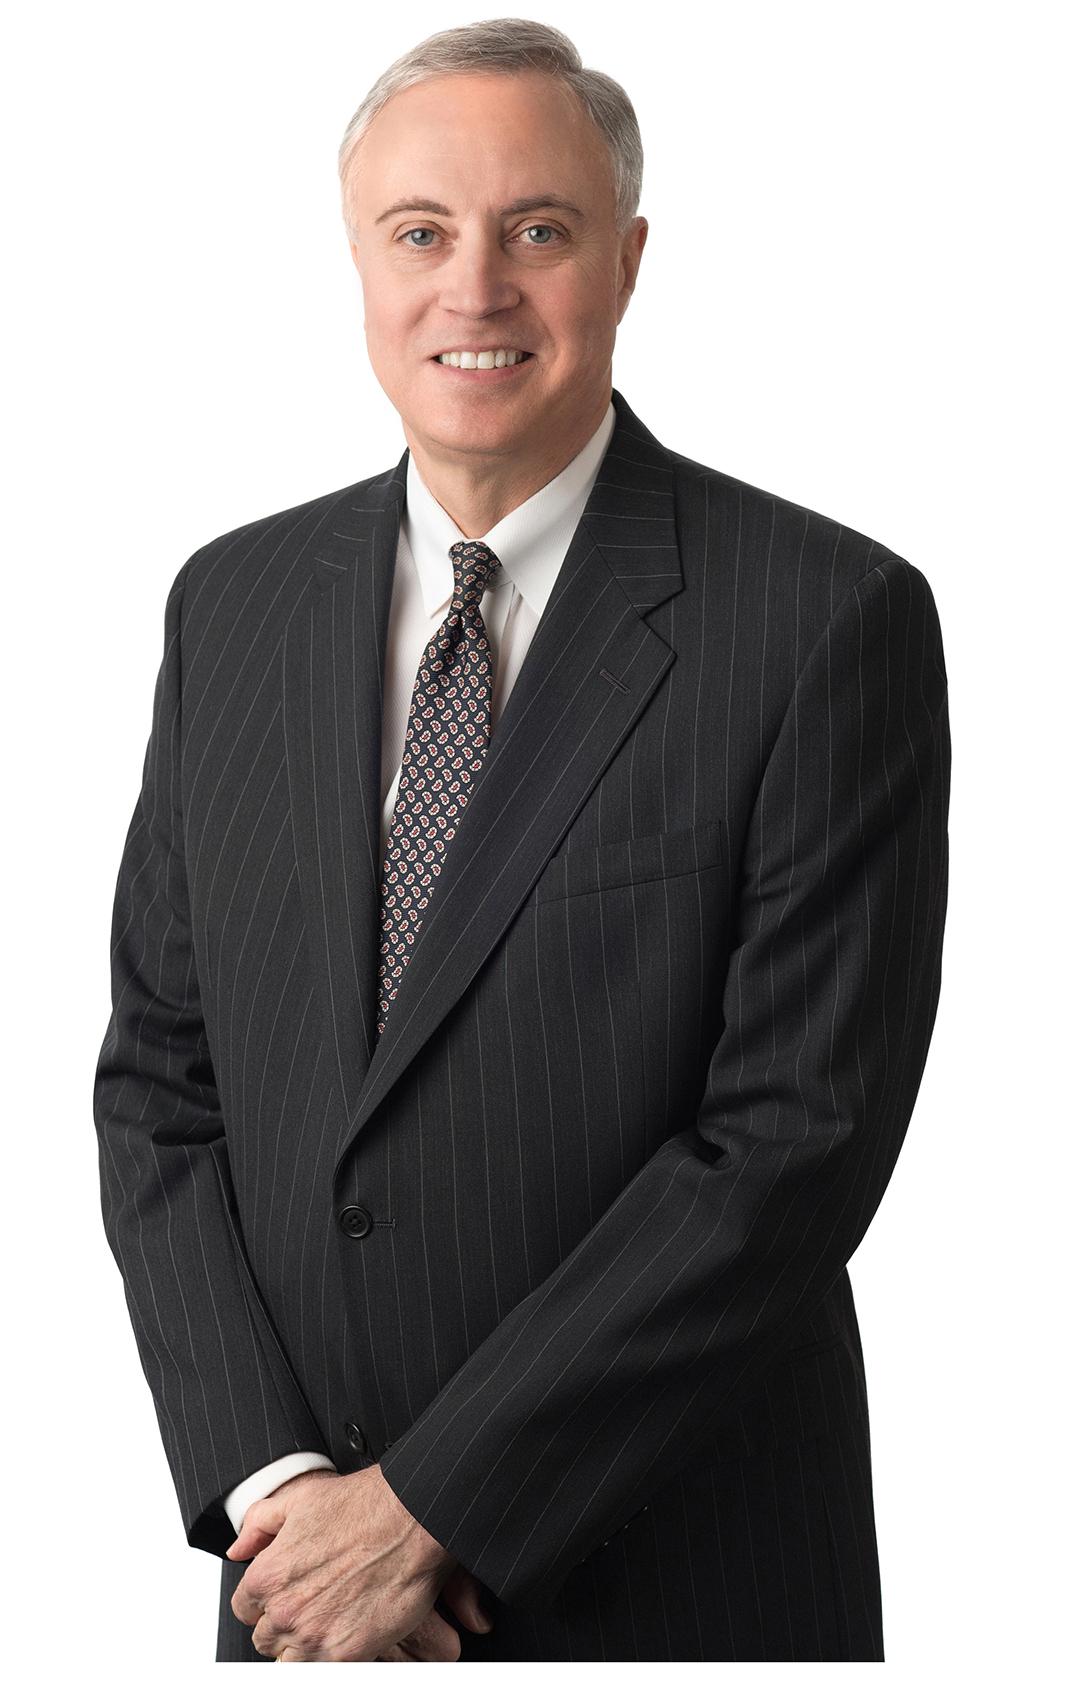 Craig H. Metz